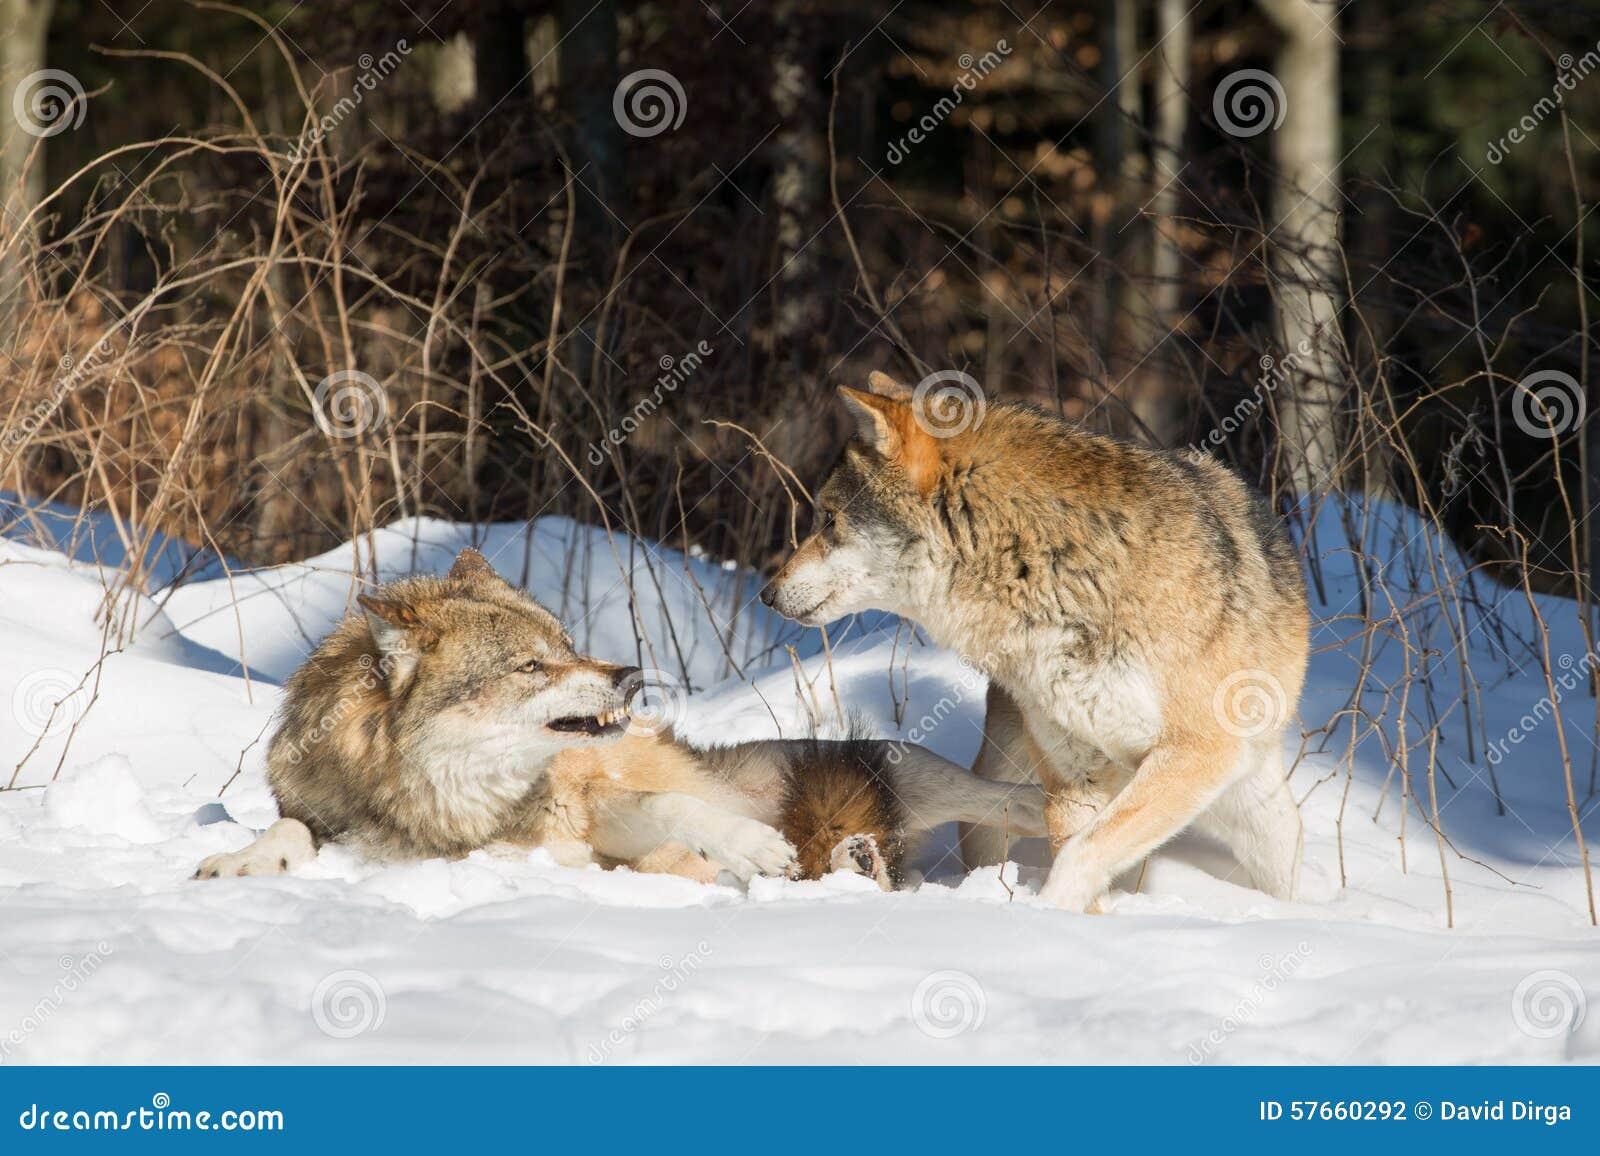 Dwa wilka, jeden w agresywnym, dalej w defensywnej postawie